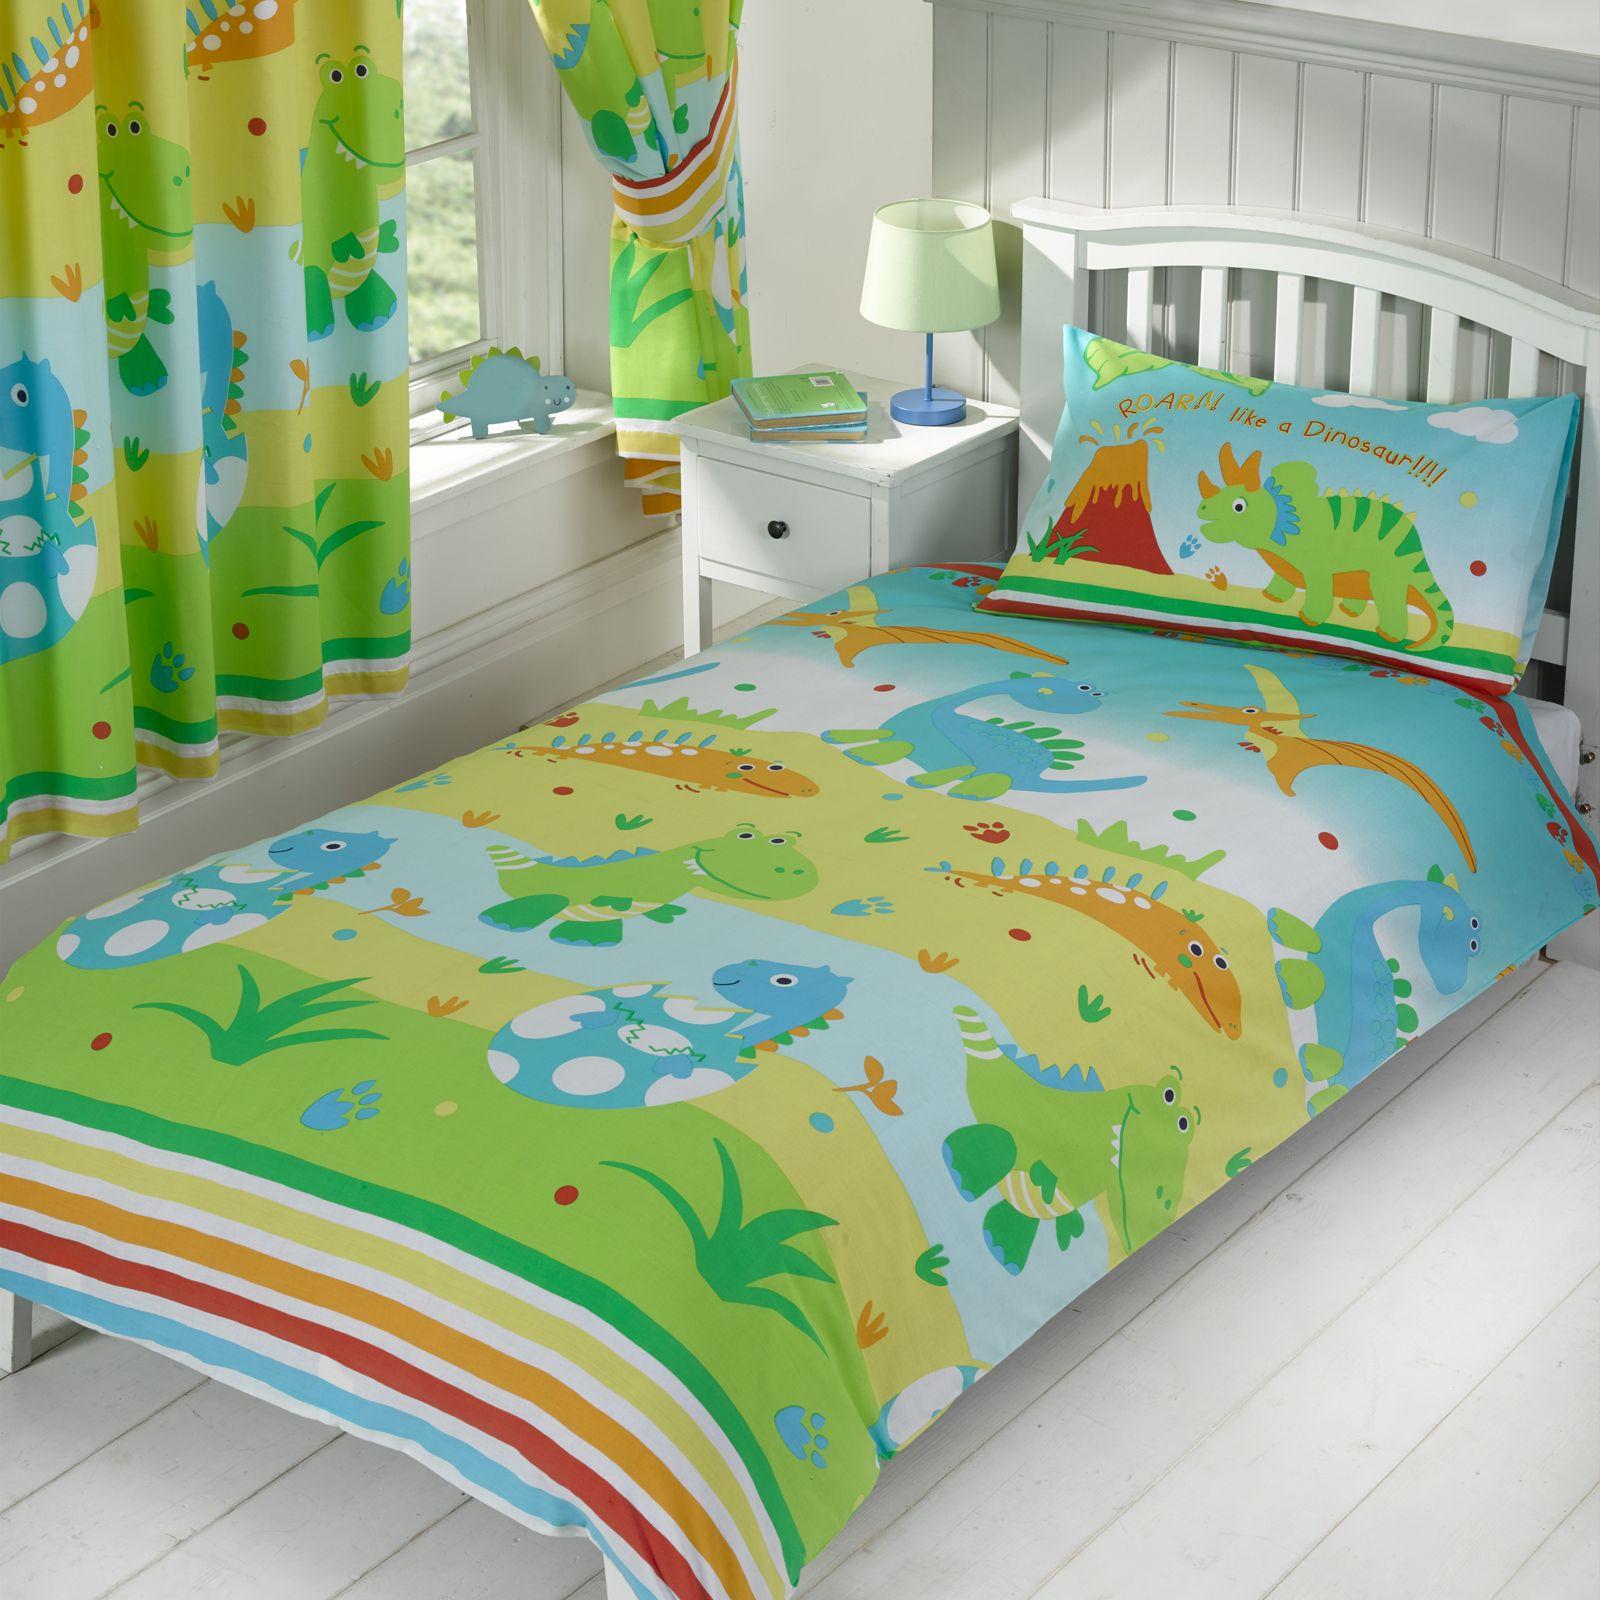 Ragazzi biancheria da letto singolo doppio copripiumini dinosauro esercito ebay - Biancheria da letto ...